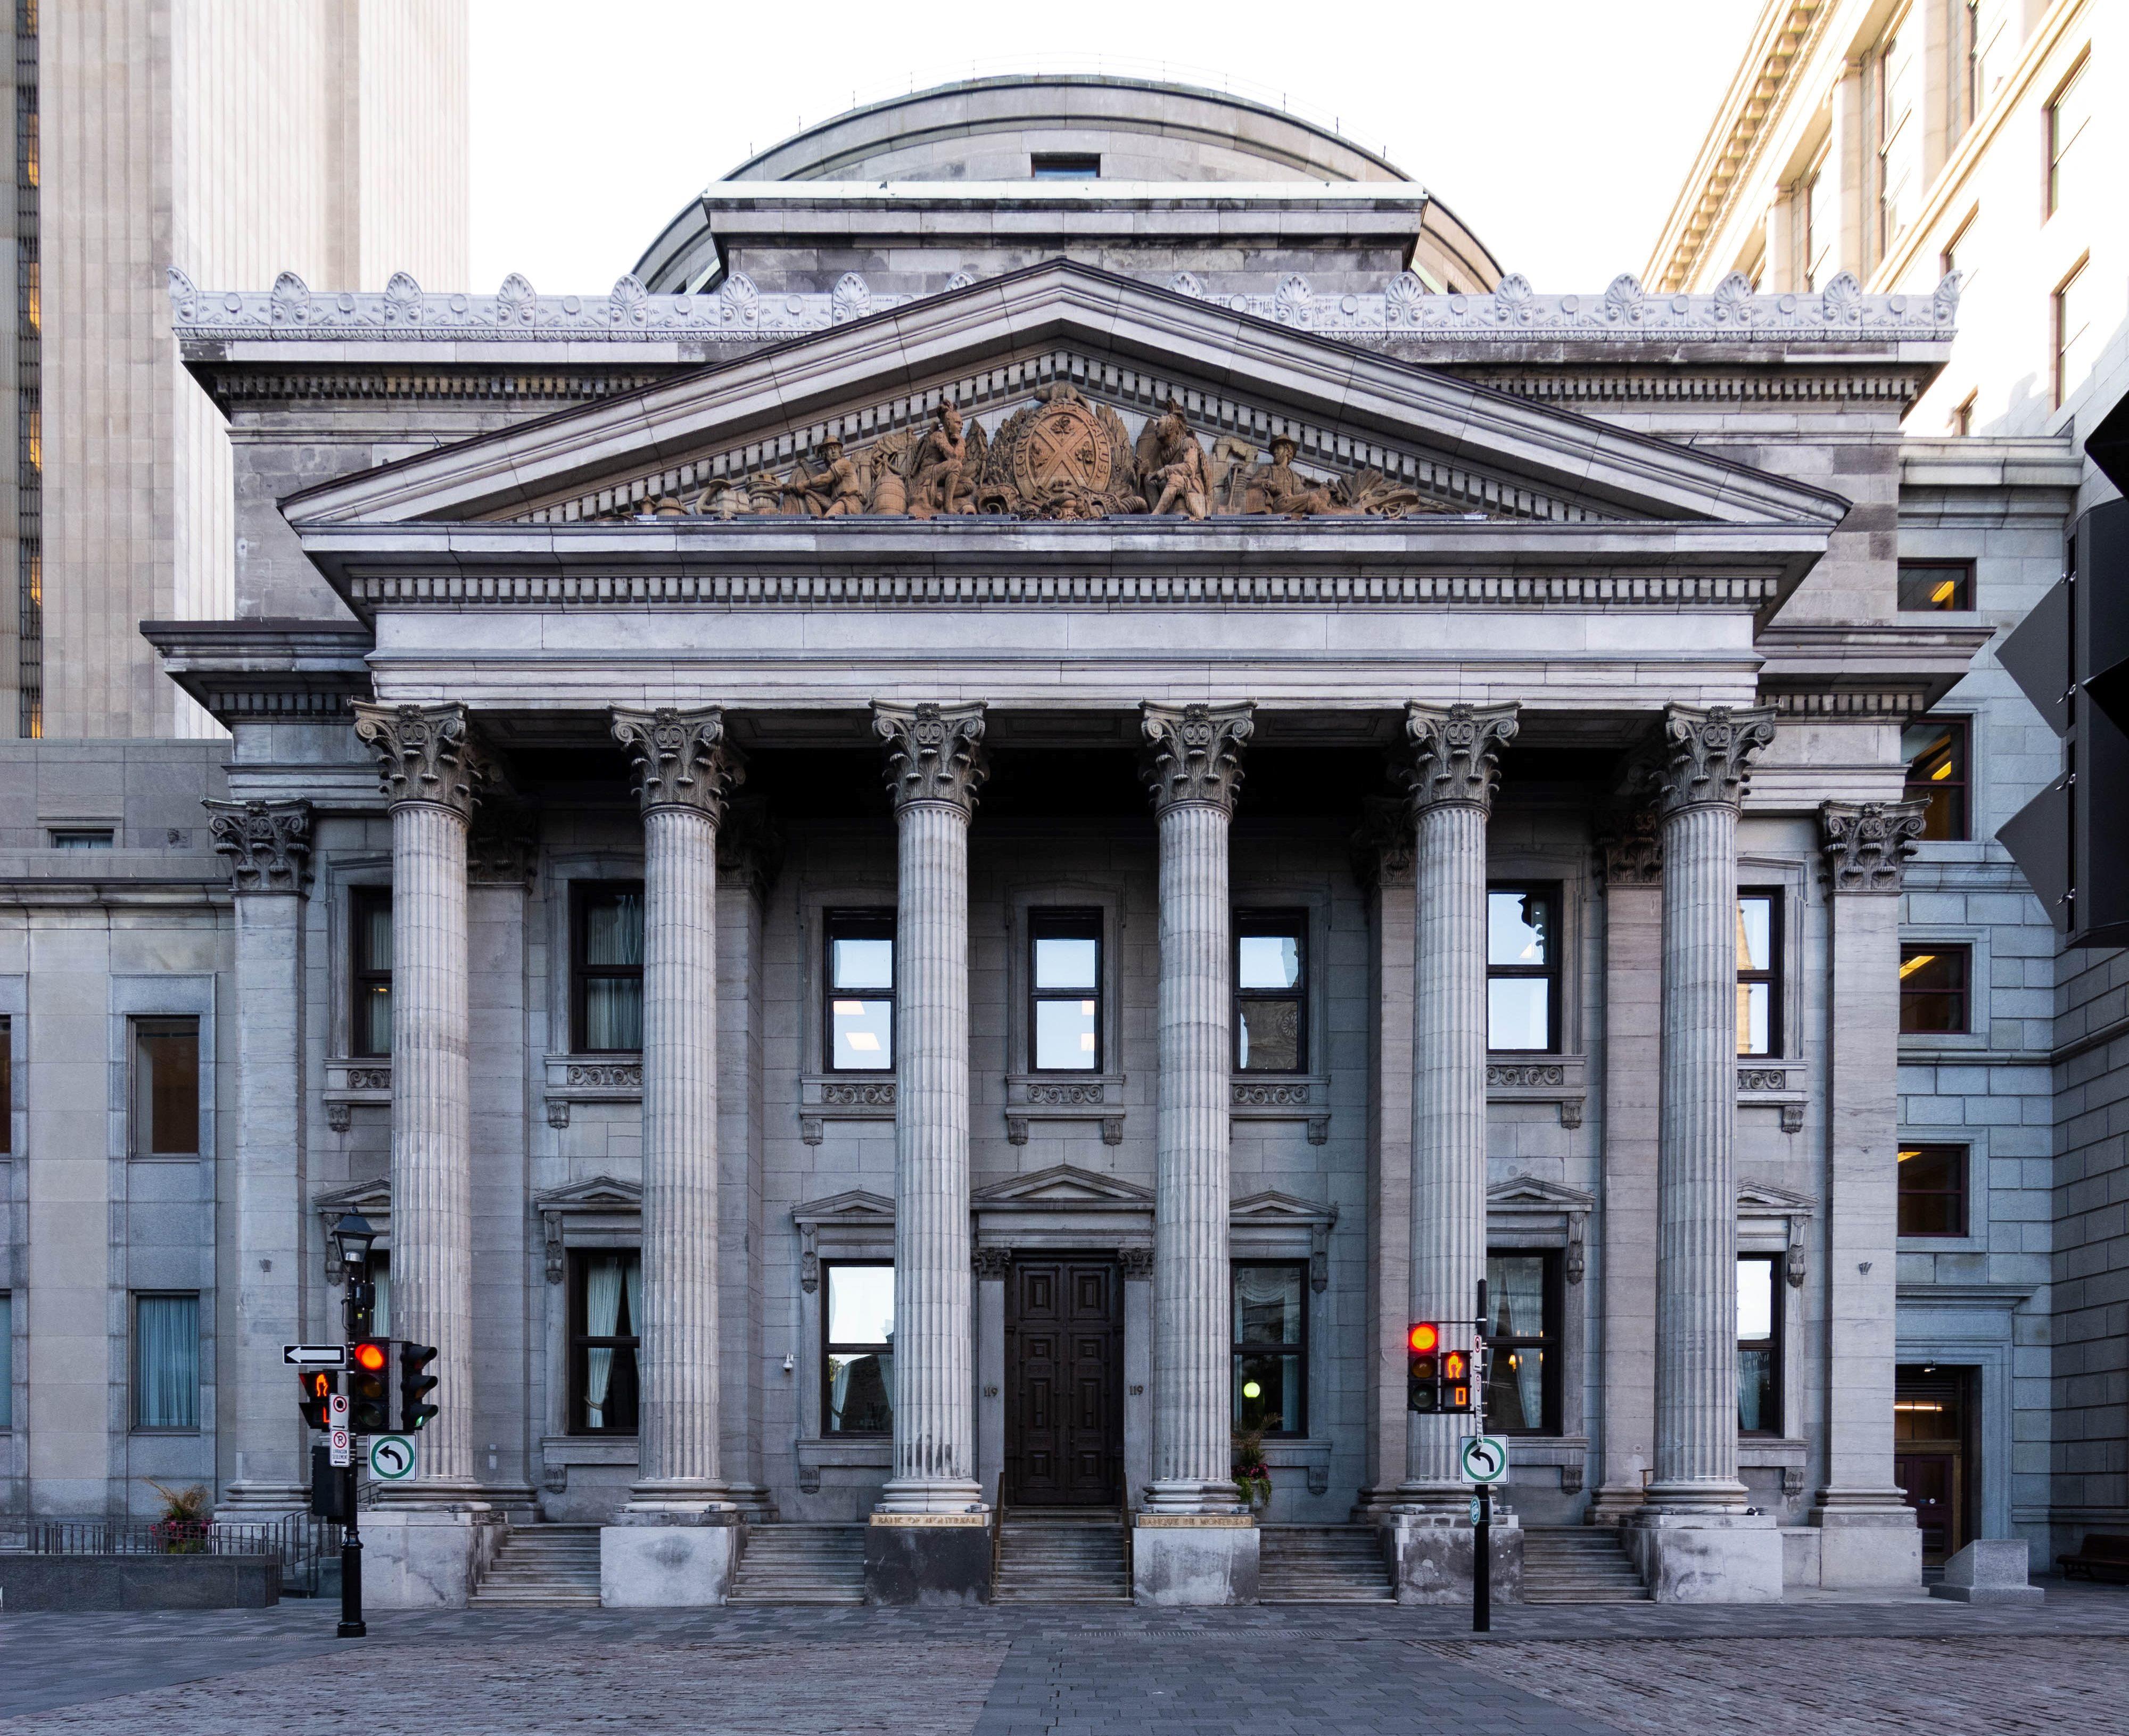 La Comisión Europea aprueba un paquete bancario para facilitar los préstamos a los hogares y las empresas de la UE